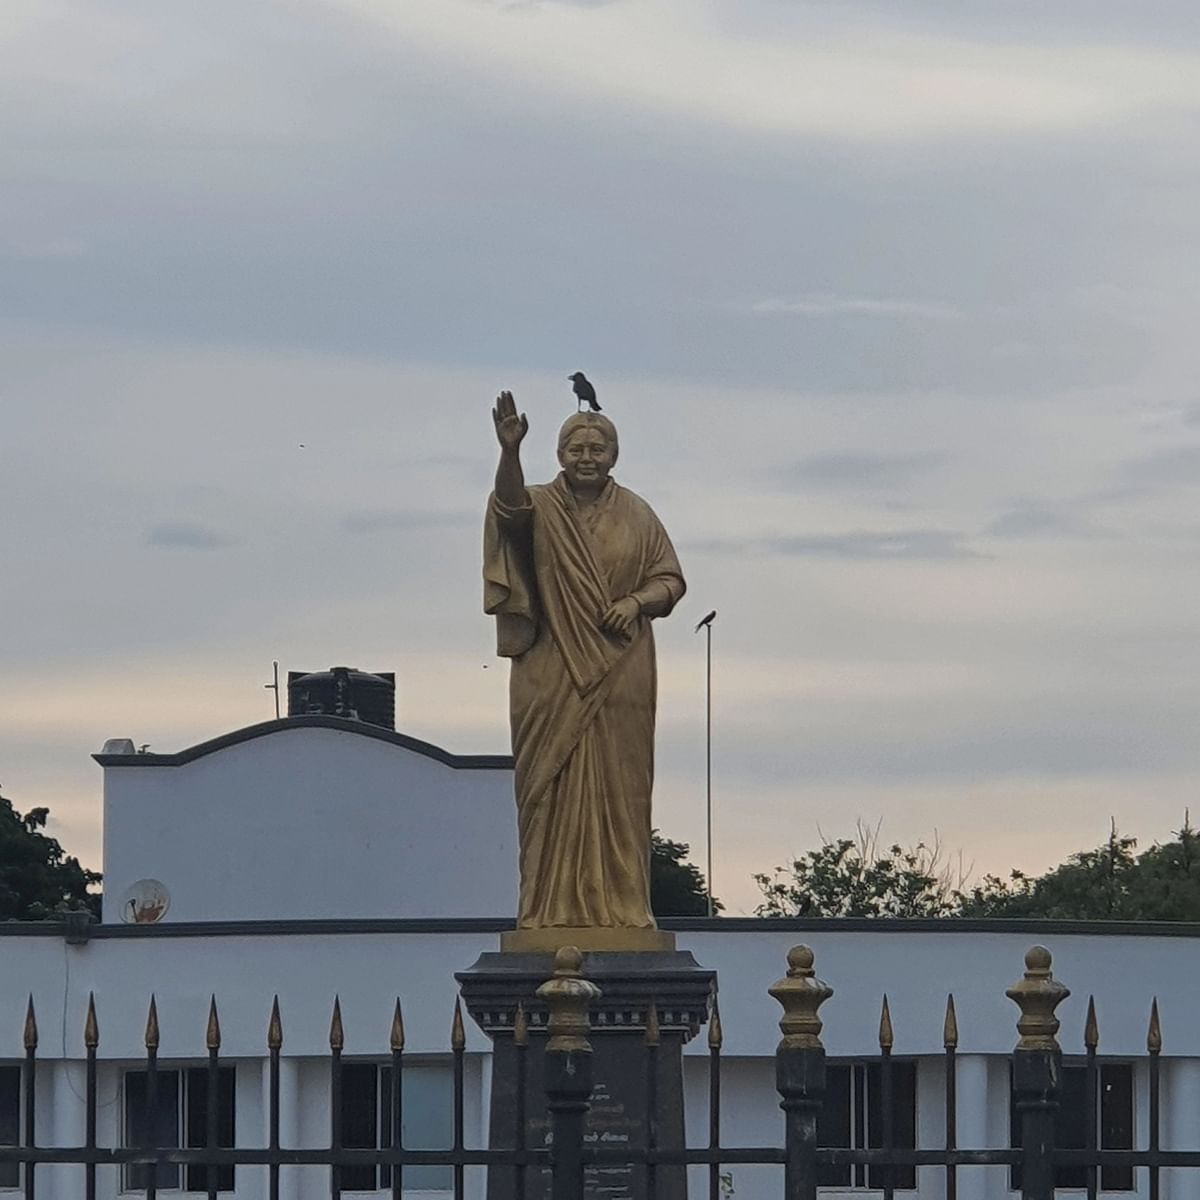 கேட்பாறற்ற நிலையில் ஜெயலலிதா சிலை